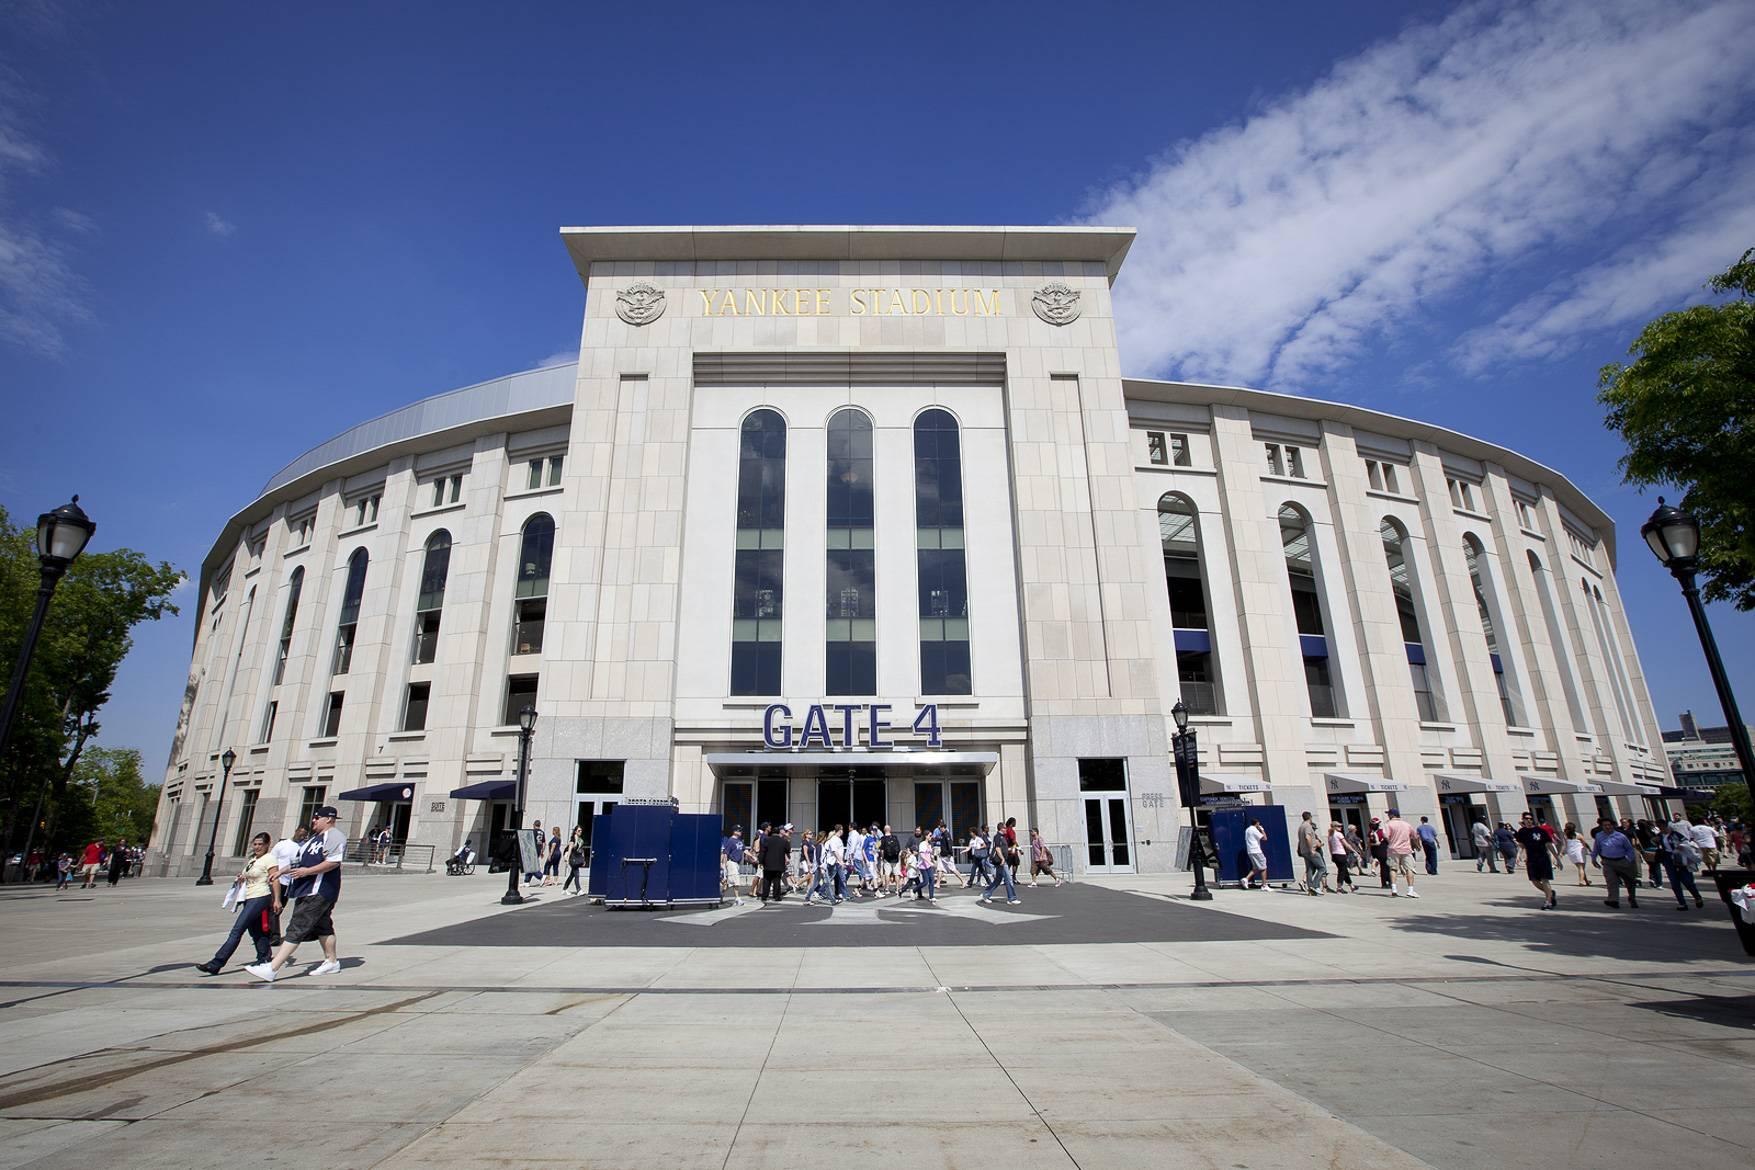 Image of Yankee Stadium